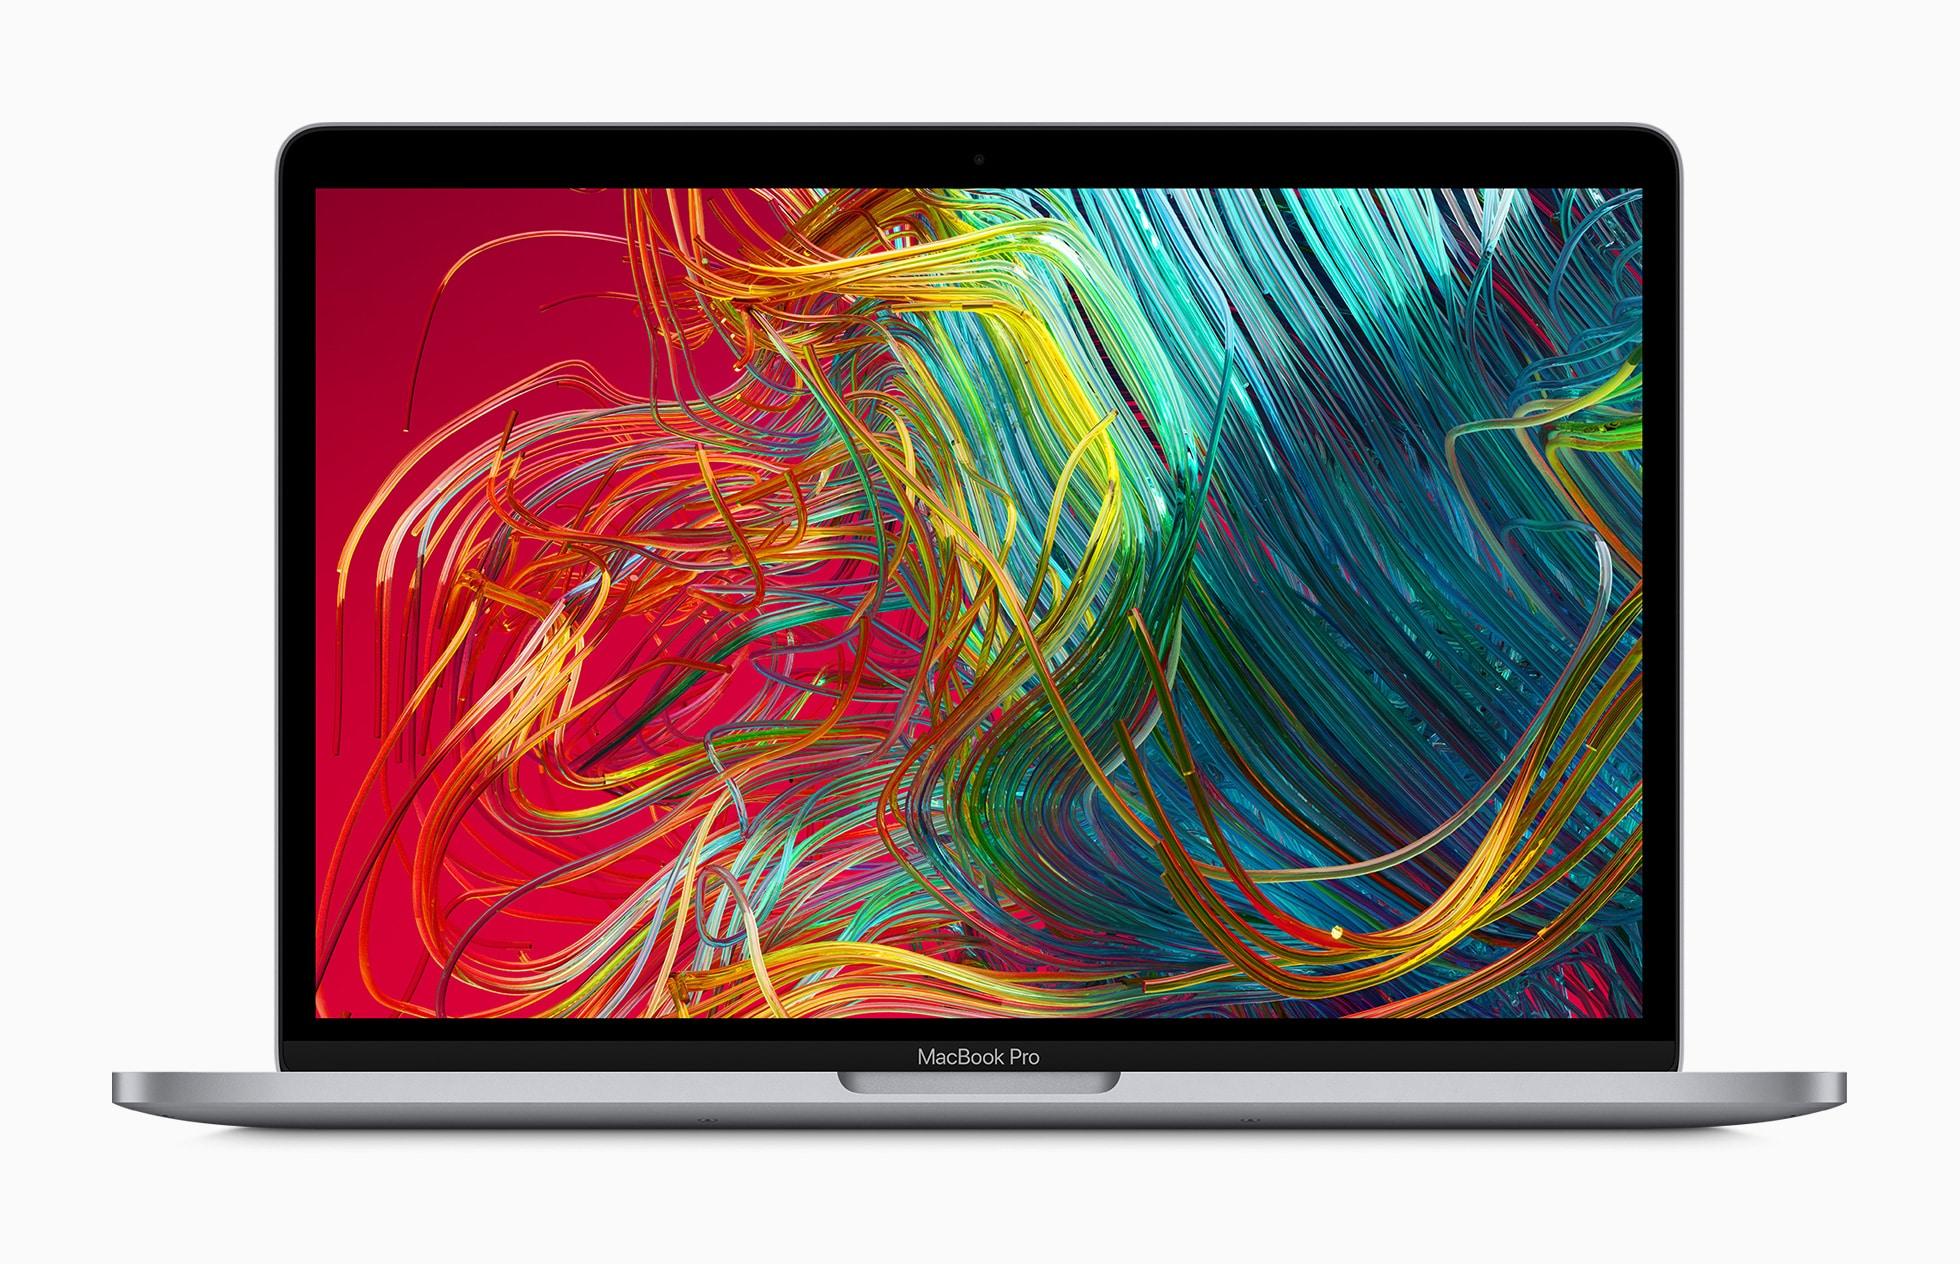 Tela Retina do novo MacBook Pro de 13 polegadas